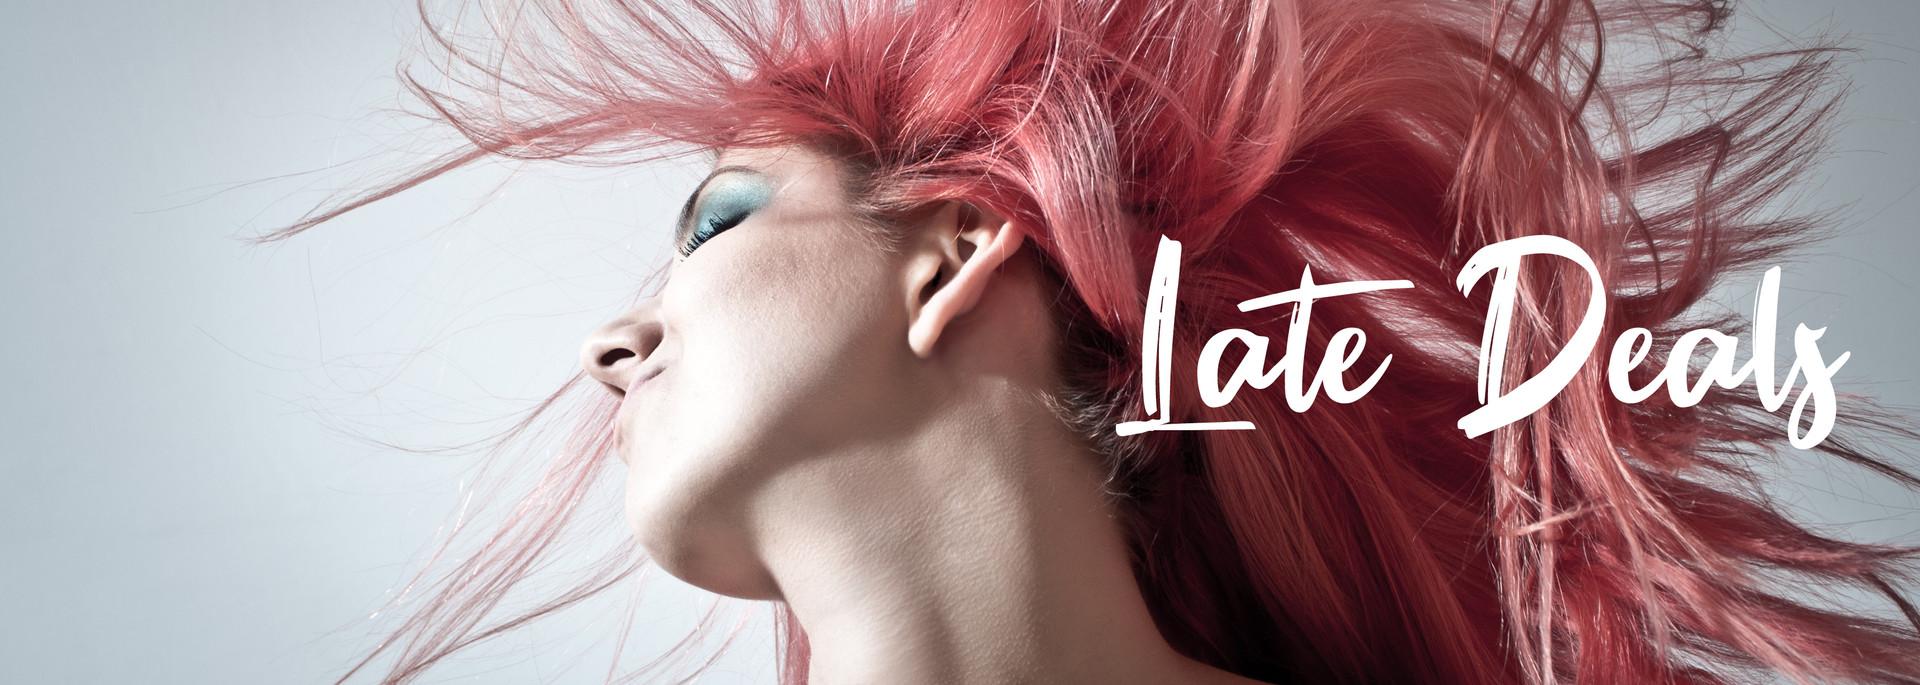 Priniciples Hair Design Flitwick Hair Salon Hair Dressers